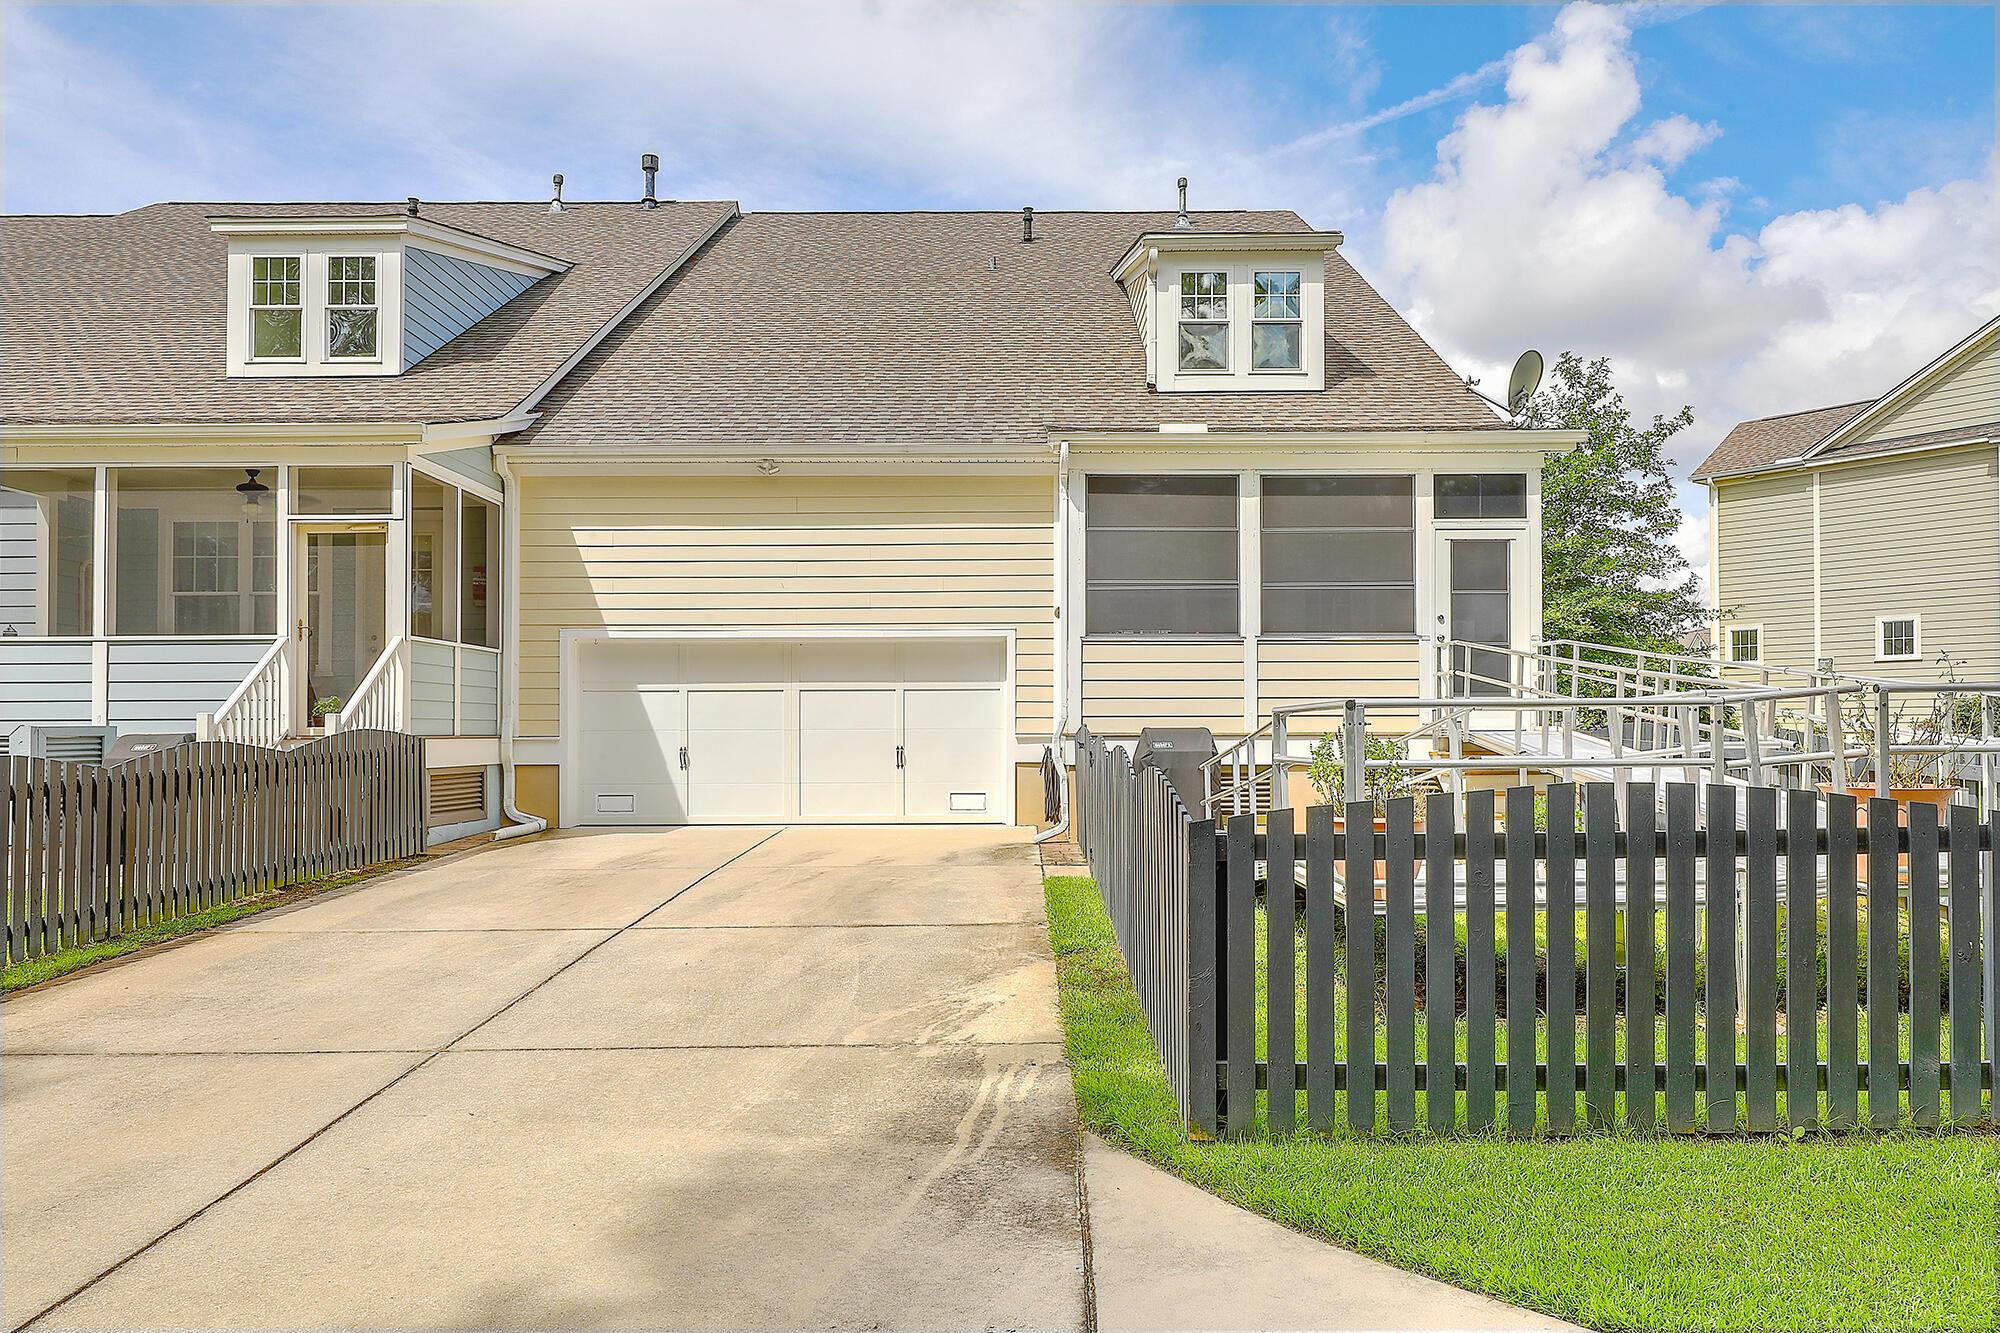 Dunes West Homes For Sale - 3171 Sturbridge, Mount Pleasant, SC - 34